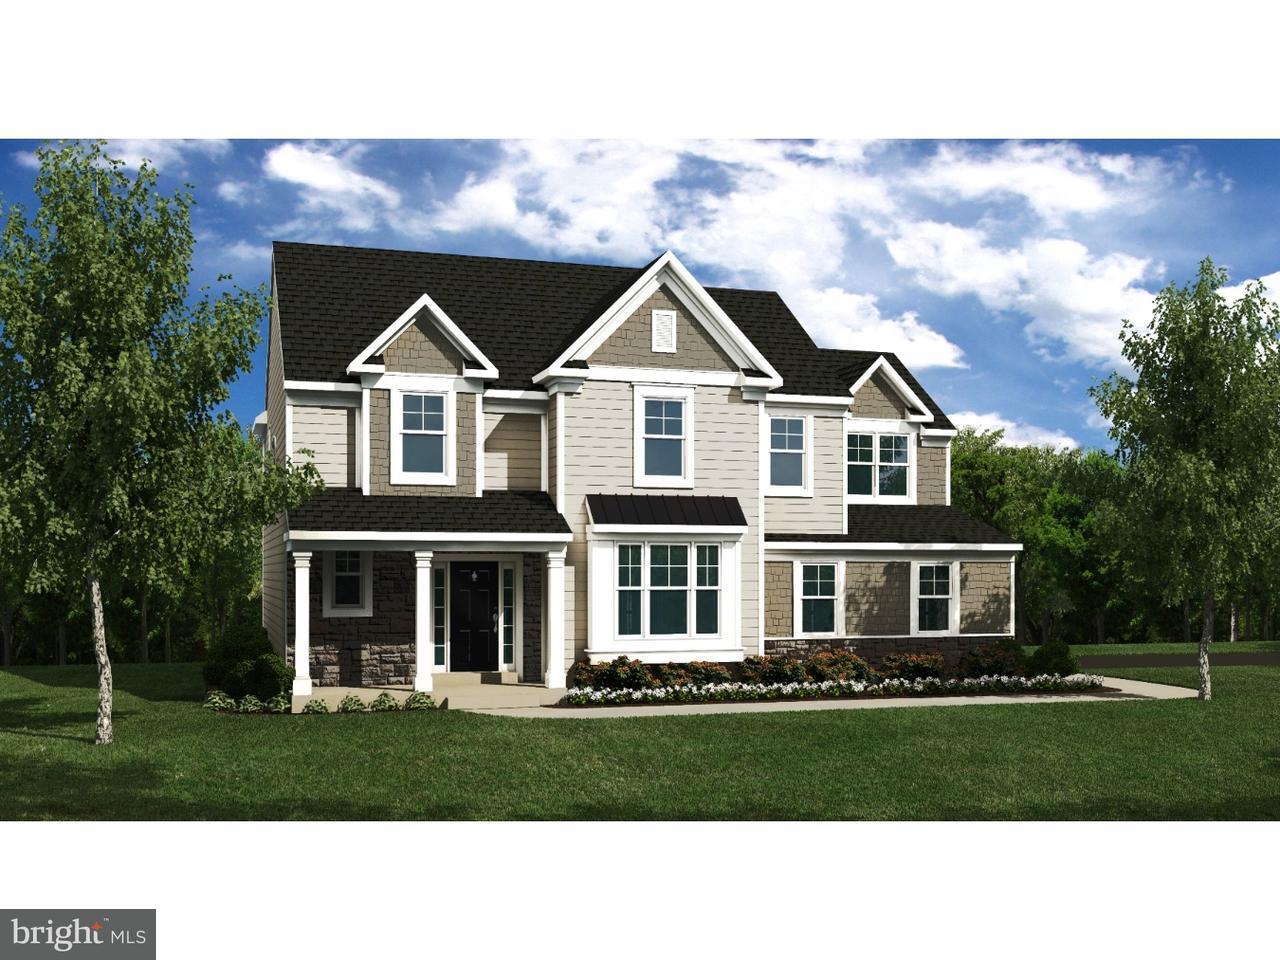 Maison unifamiliale pour l Vente à 752 GERHART Lane Telford, Pennsylvanie 18969 États-Unis